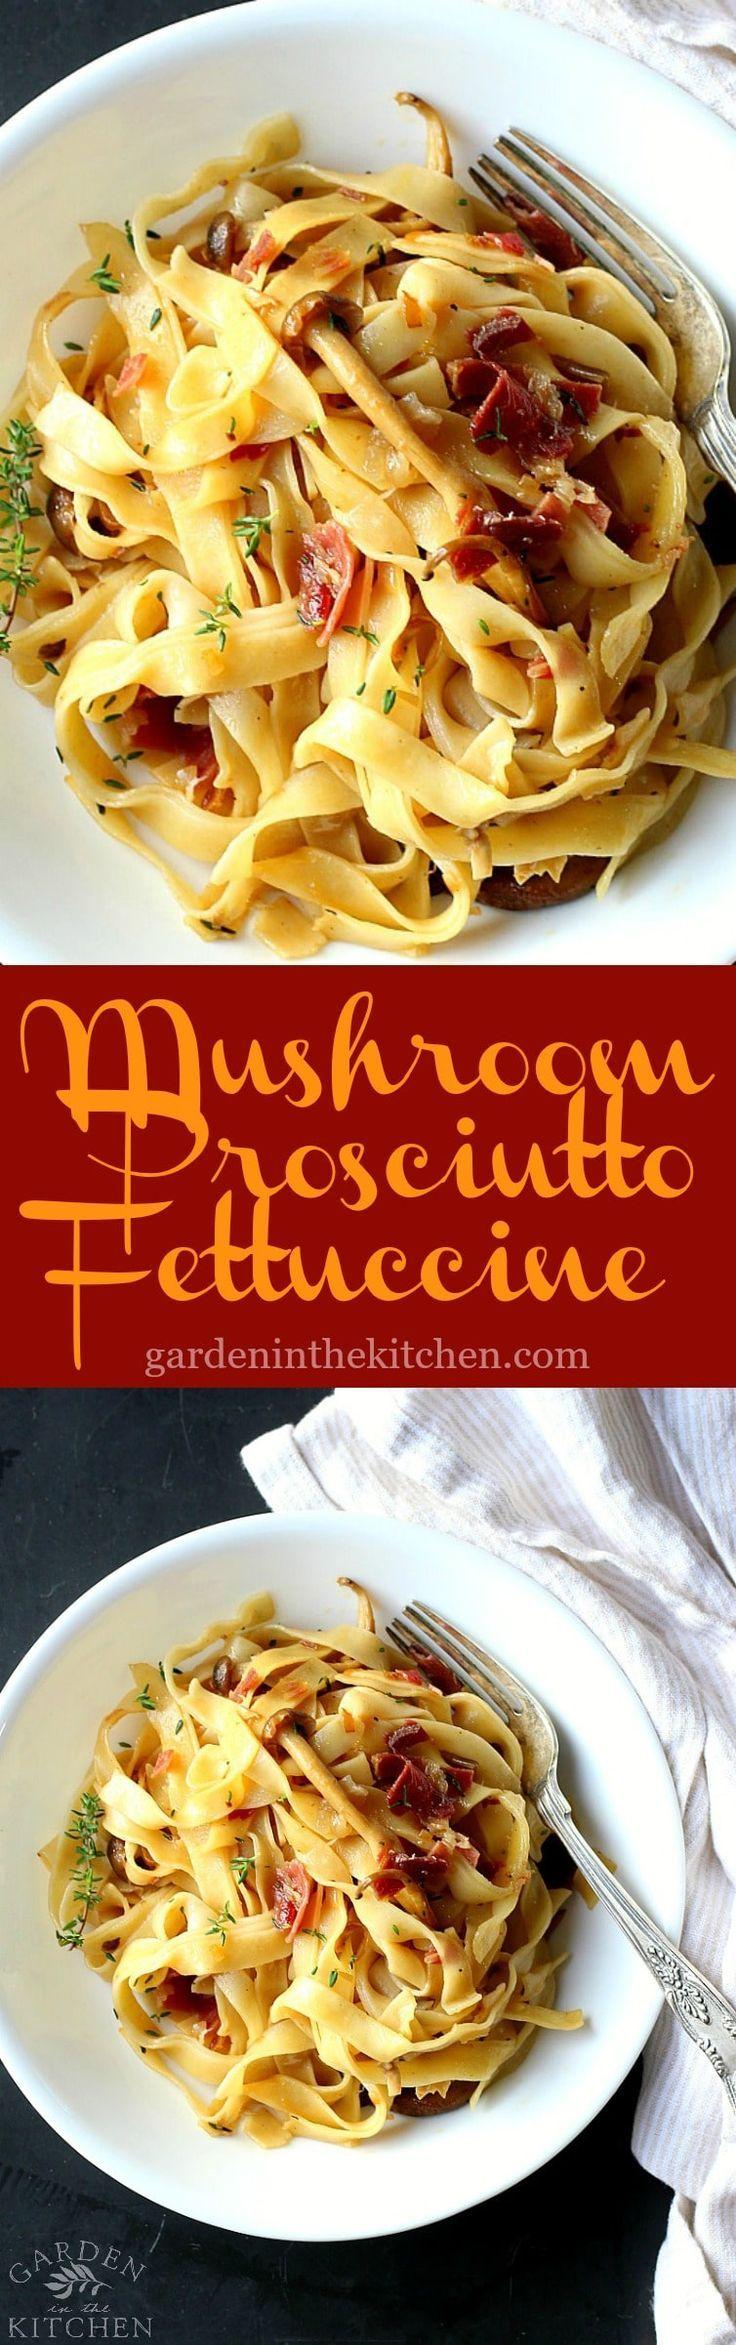 Mushroom Prosciutto Fettuccini Garden In The Kitchen Recipe Recipes Italian Recipes Pasta Recipes